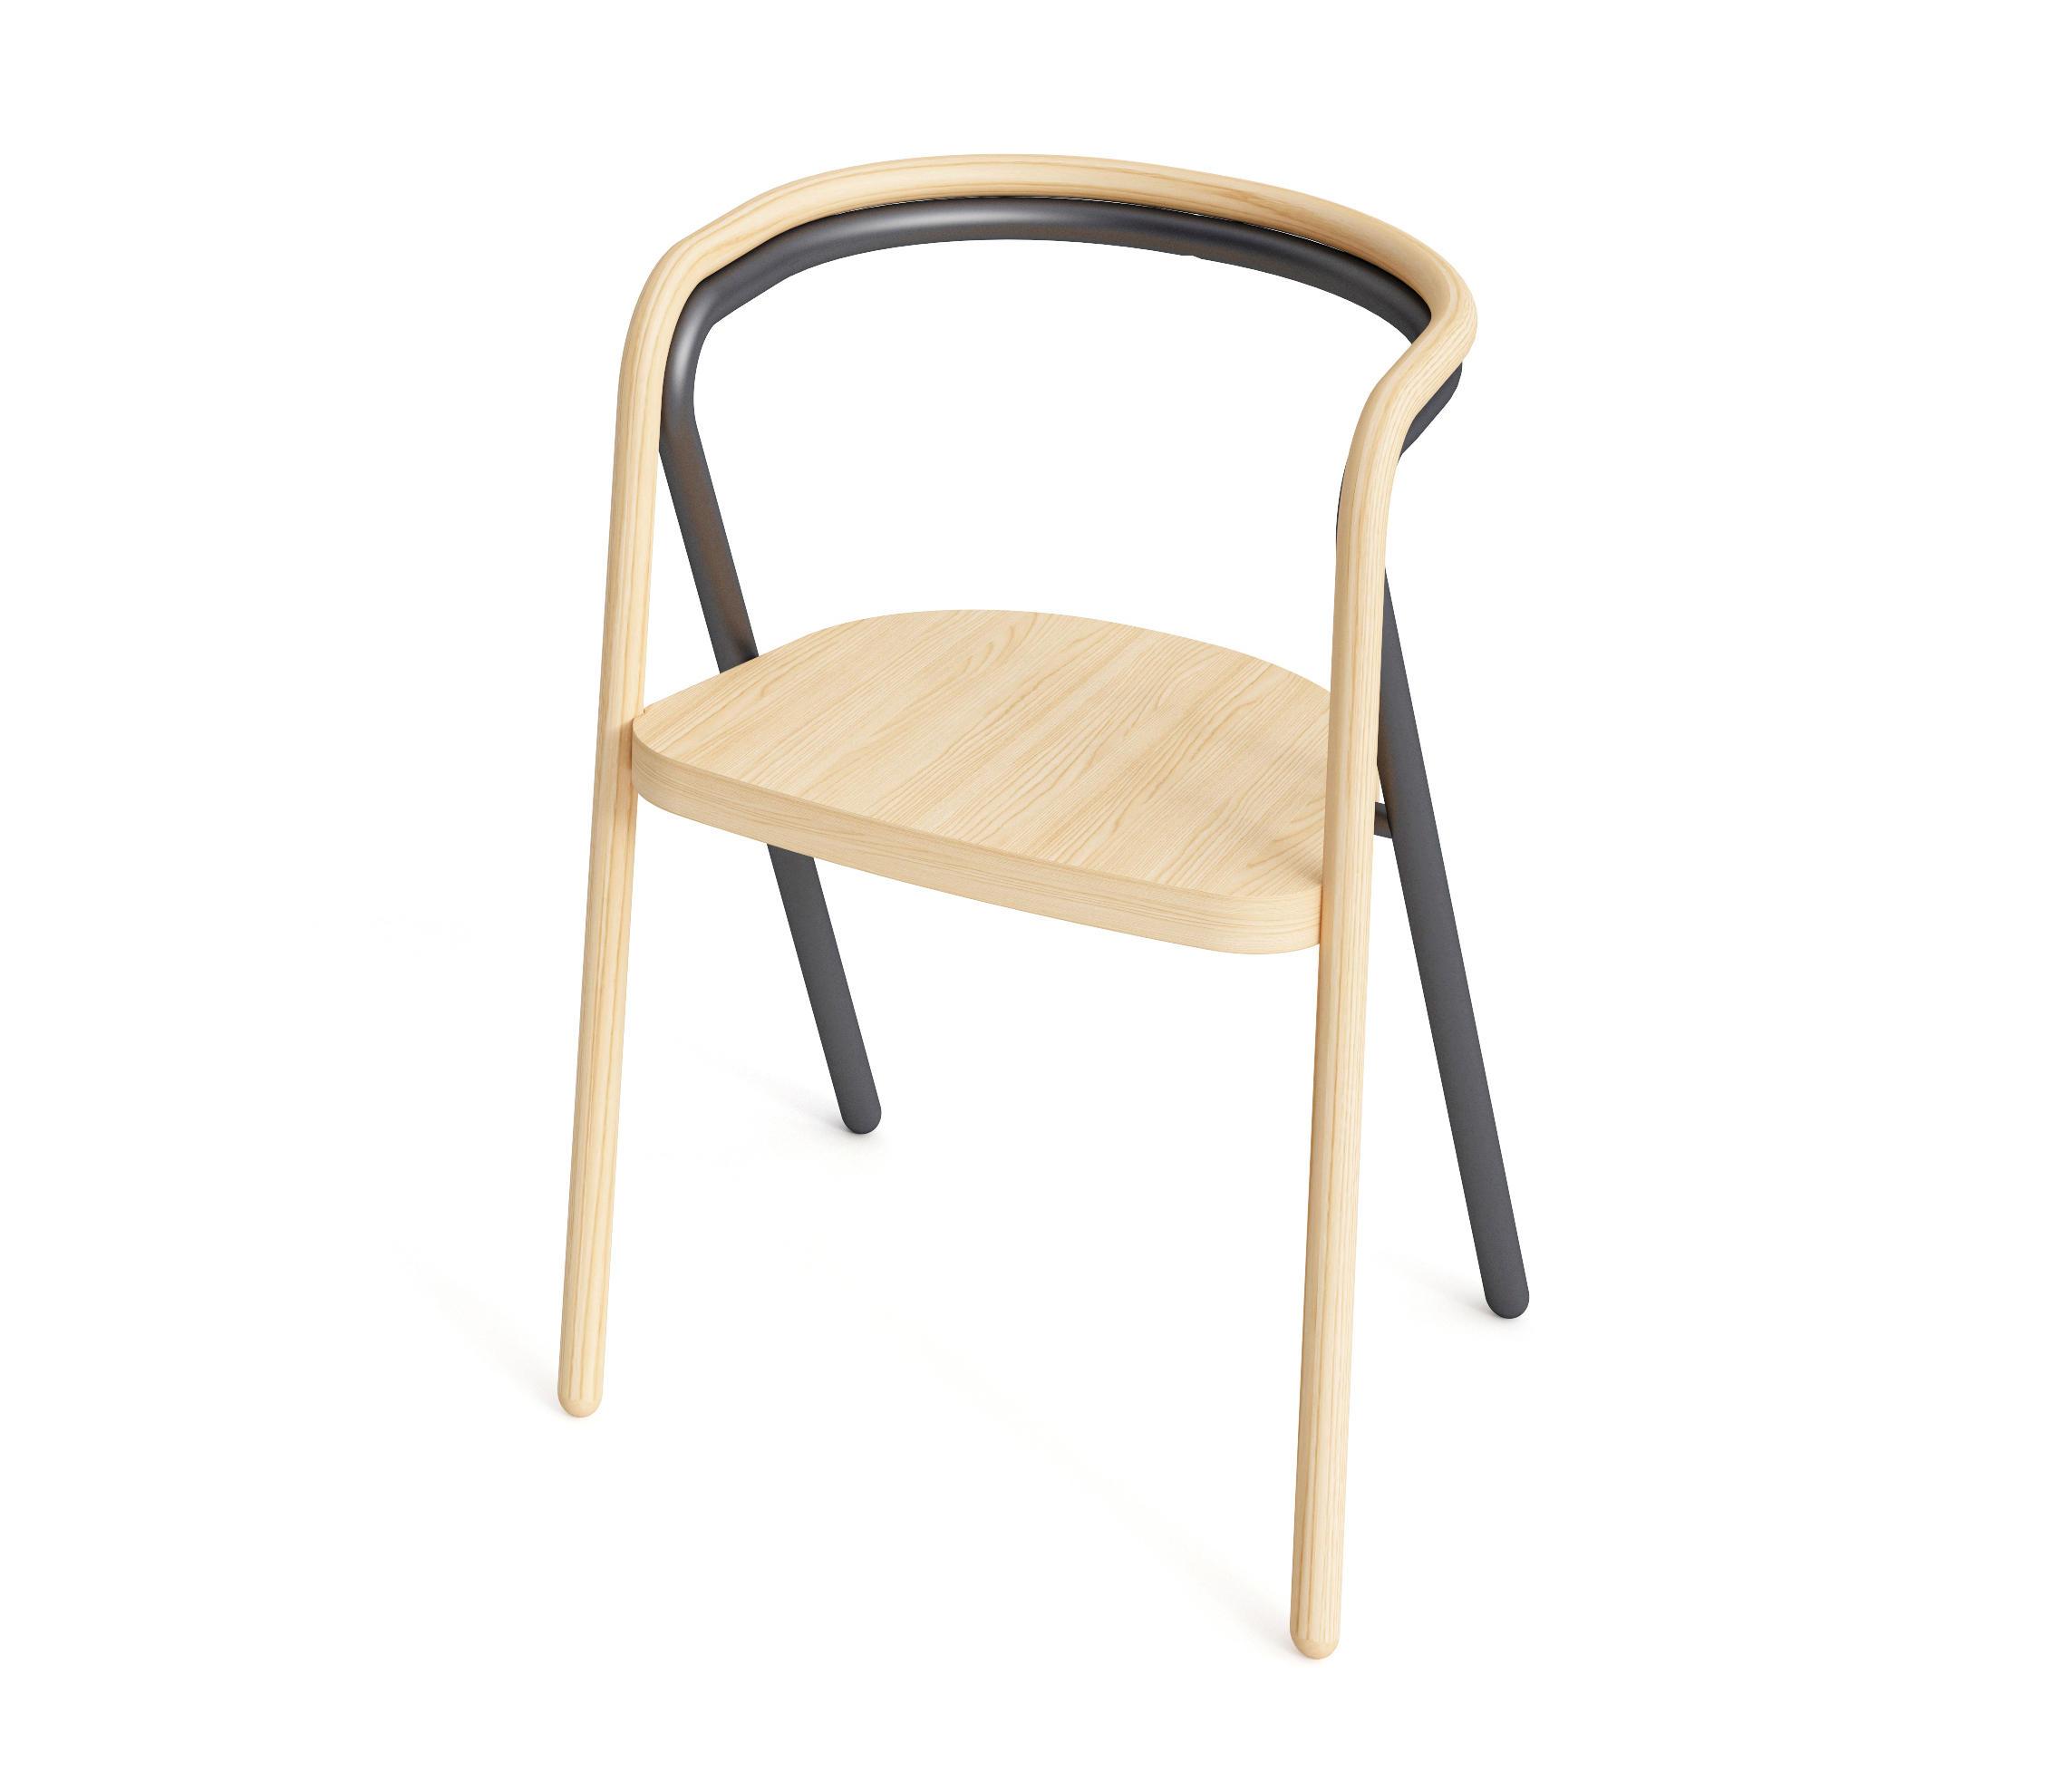 坐具|餐椅|创意家具|现代家居|时尚家具|设计师家具|定制家具|实木家具|Chair 2